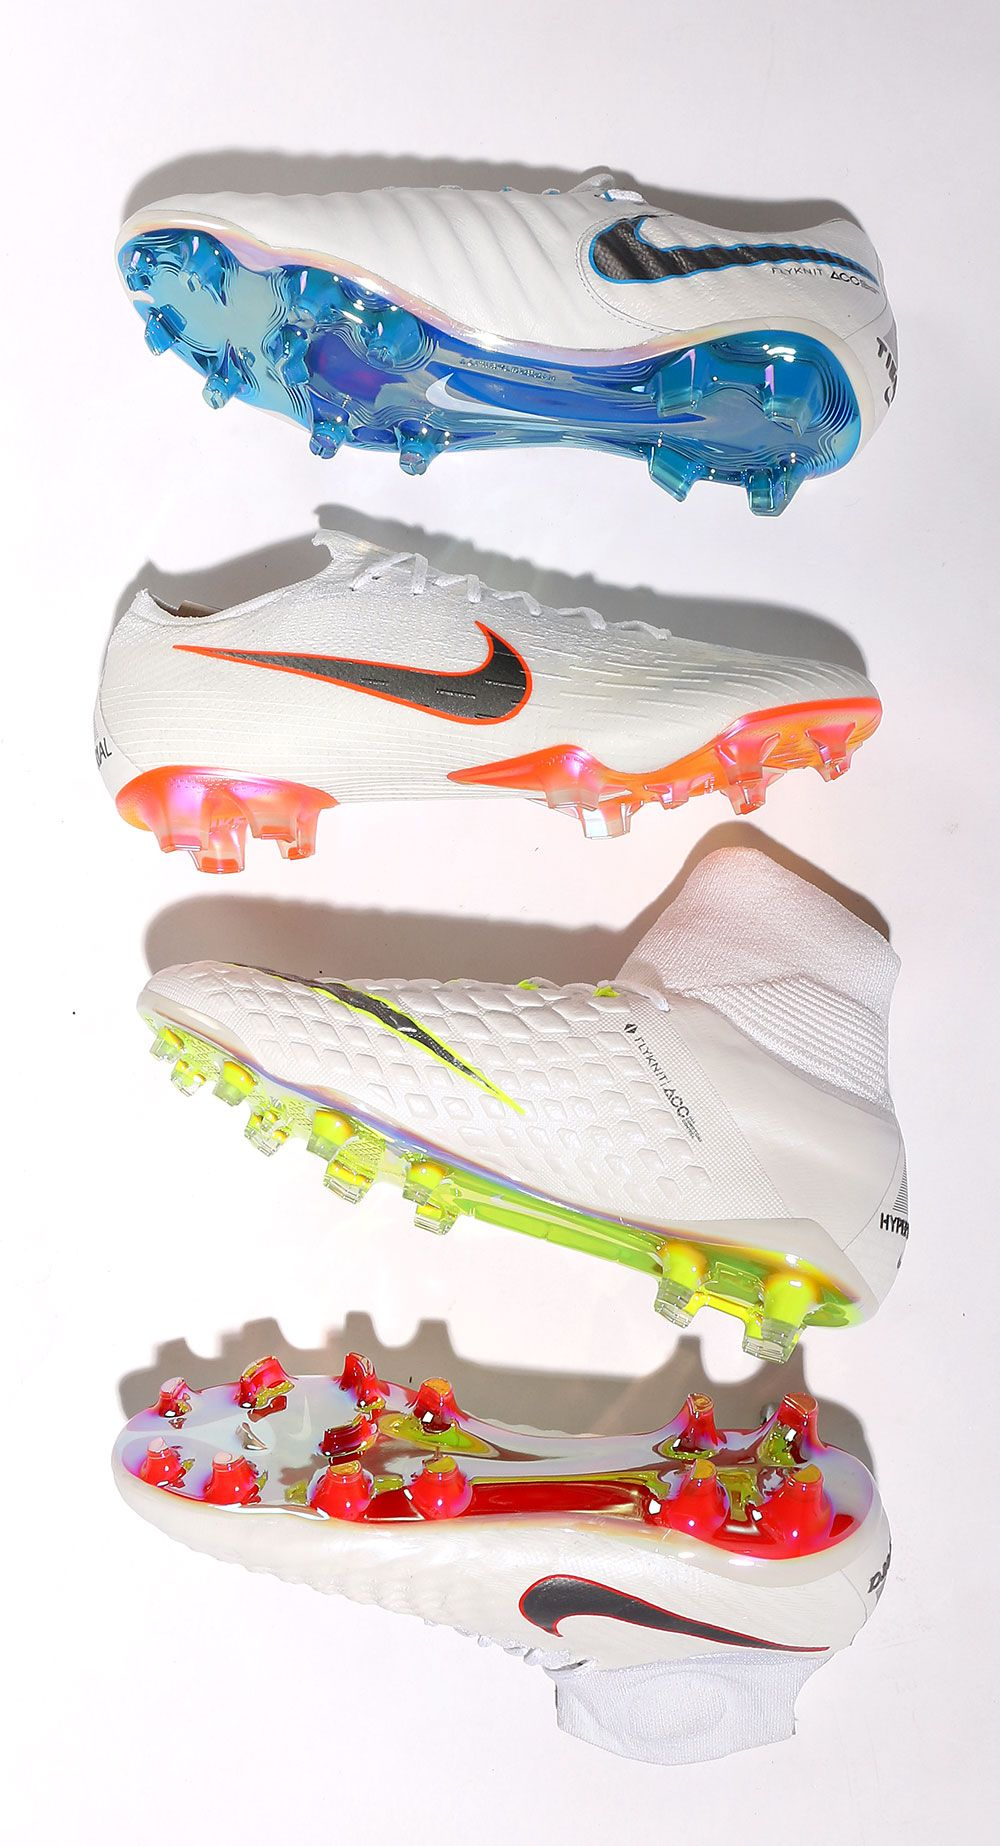 7b6f5b224fd Botas de fútbol Nike Just Do It. Foto: Marcela Sansalvador para futbolmania .com